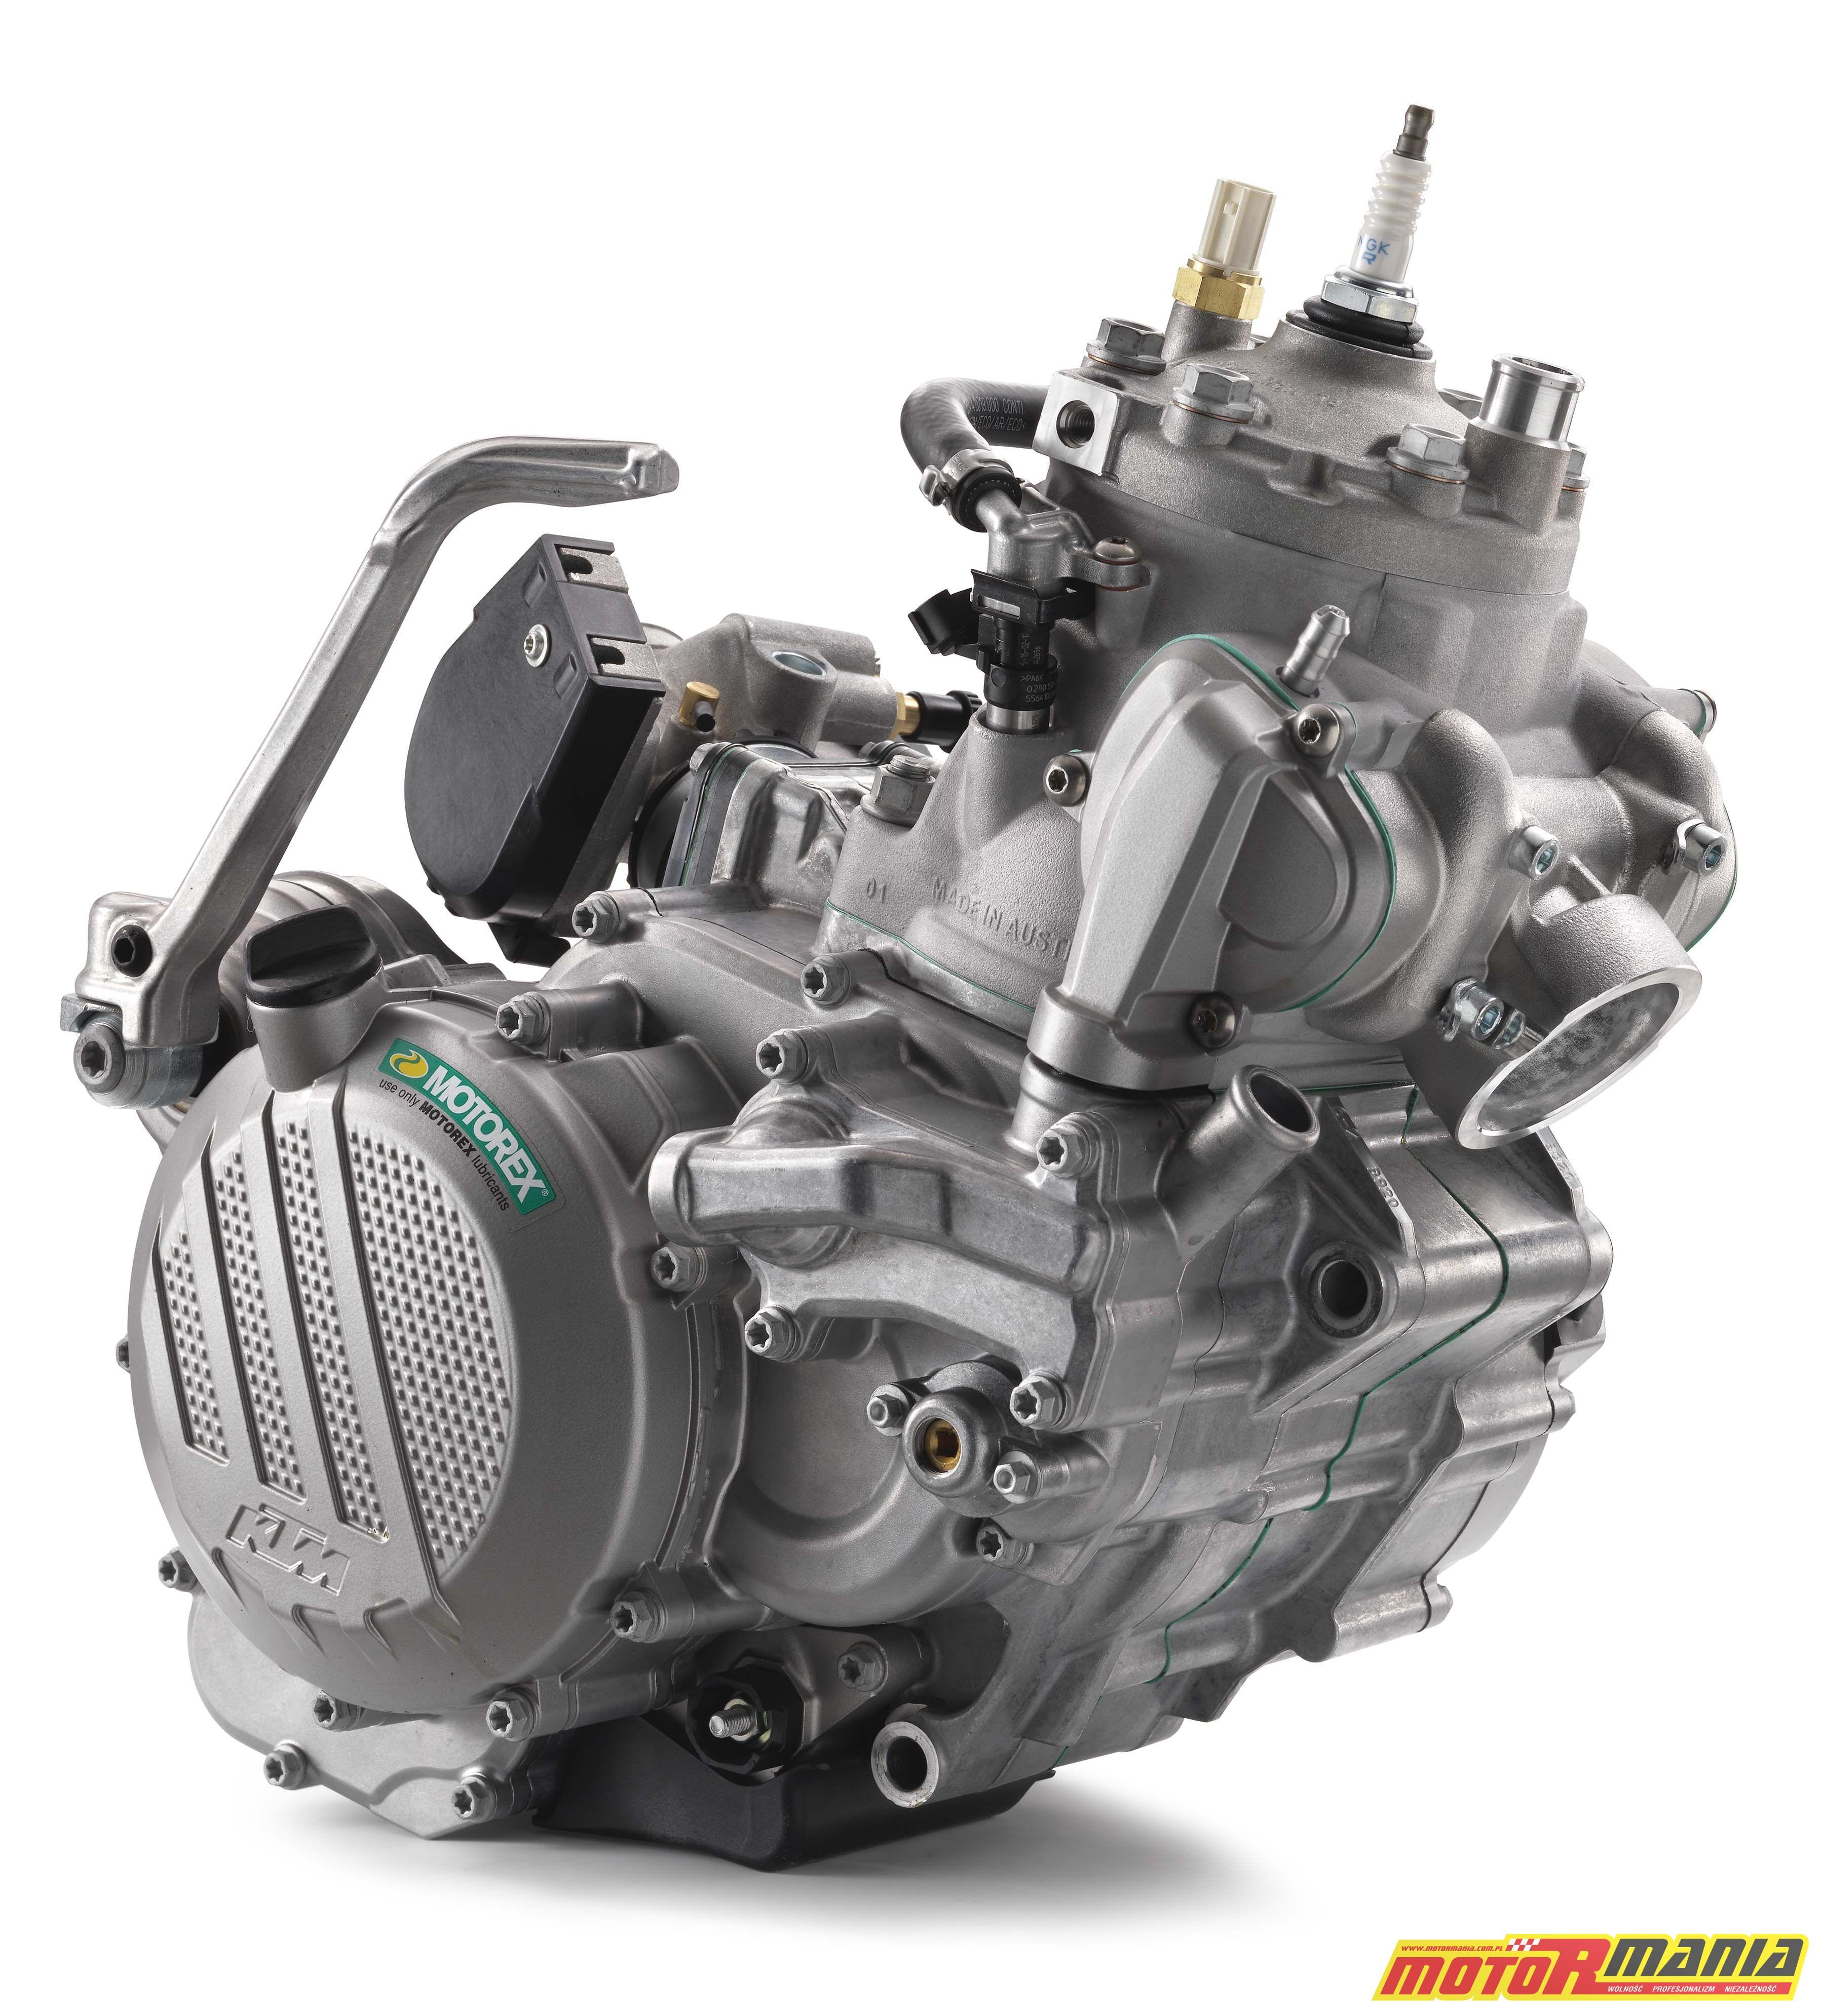 KTM 250 300 EXC TPI dwusuw z wtryskiem 2018 (4)